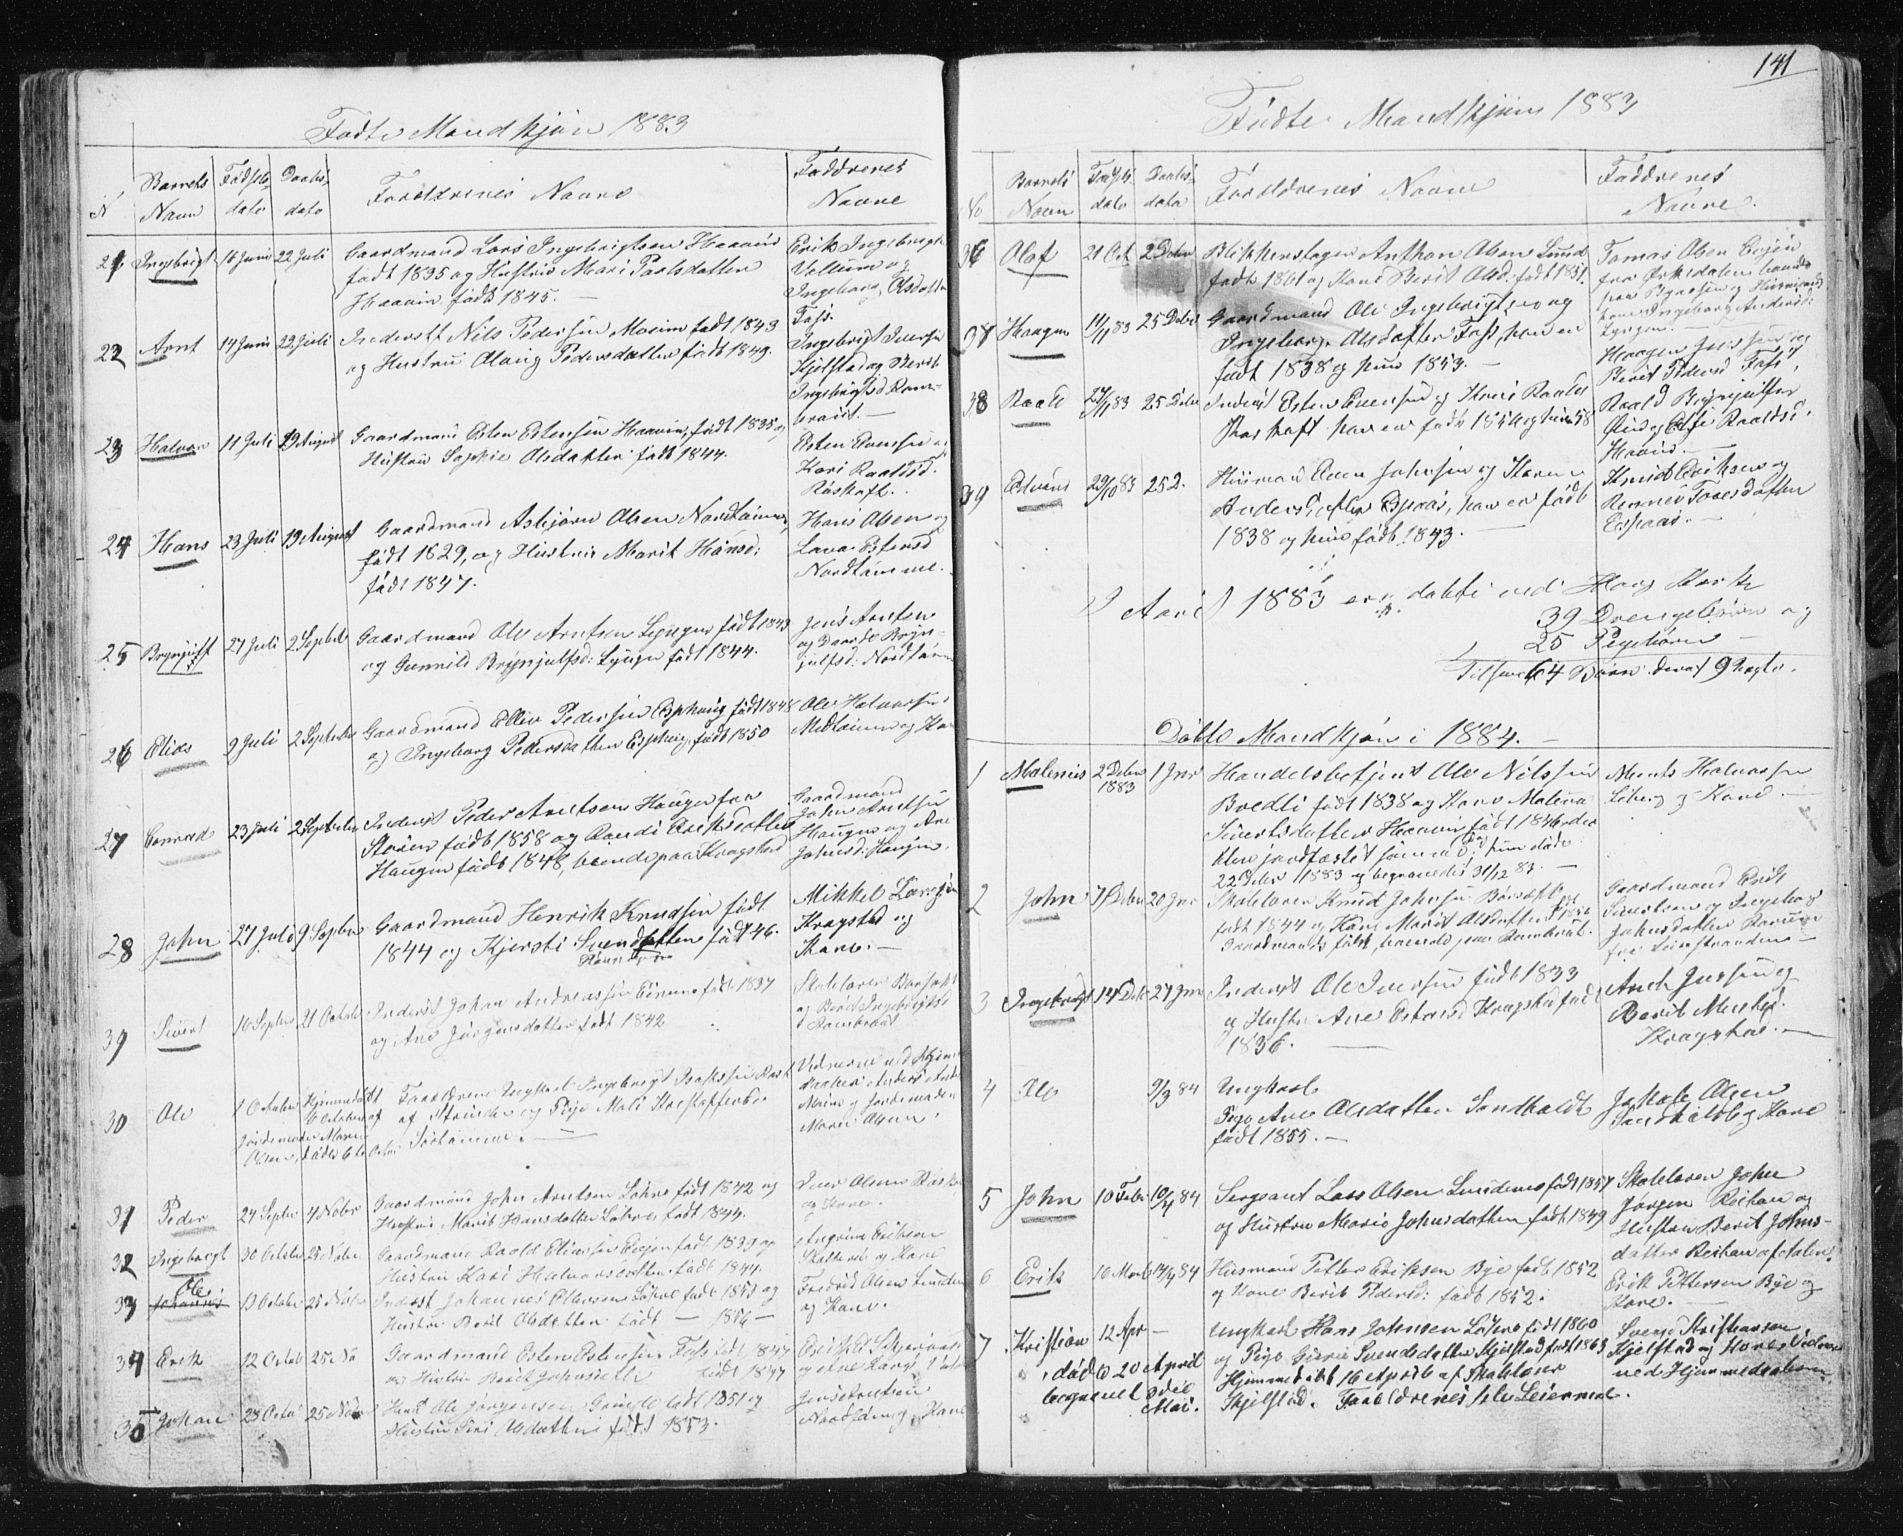 SAT, Ministerialprotokoller, klokkerbøker og fødselsregistre - Sør-Trøndelag, 692/L1110: Klokkerbok nr. 692C05, 1849-1889, s. 141